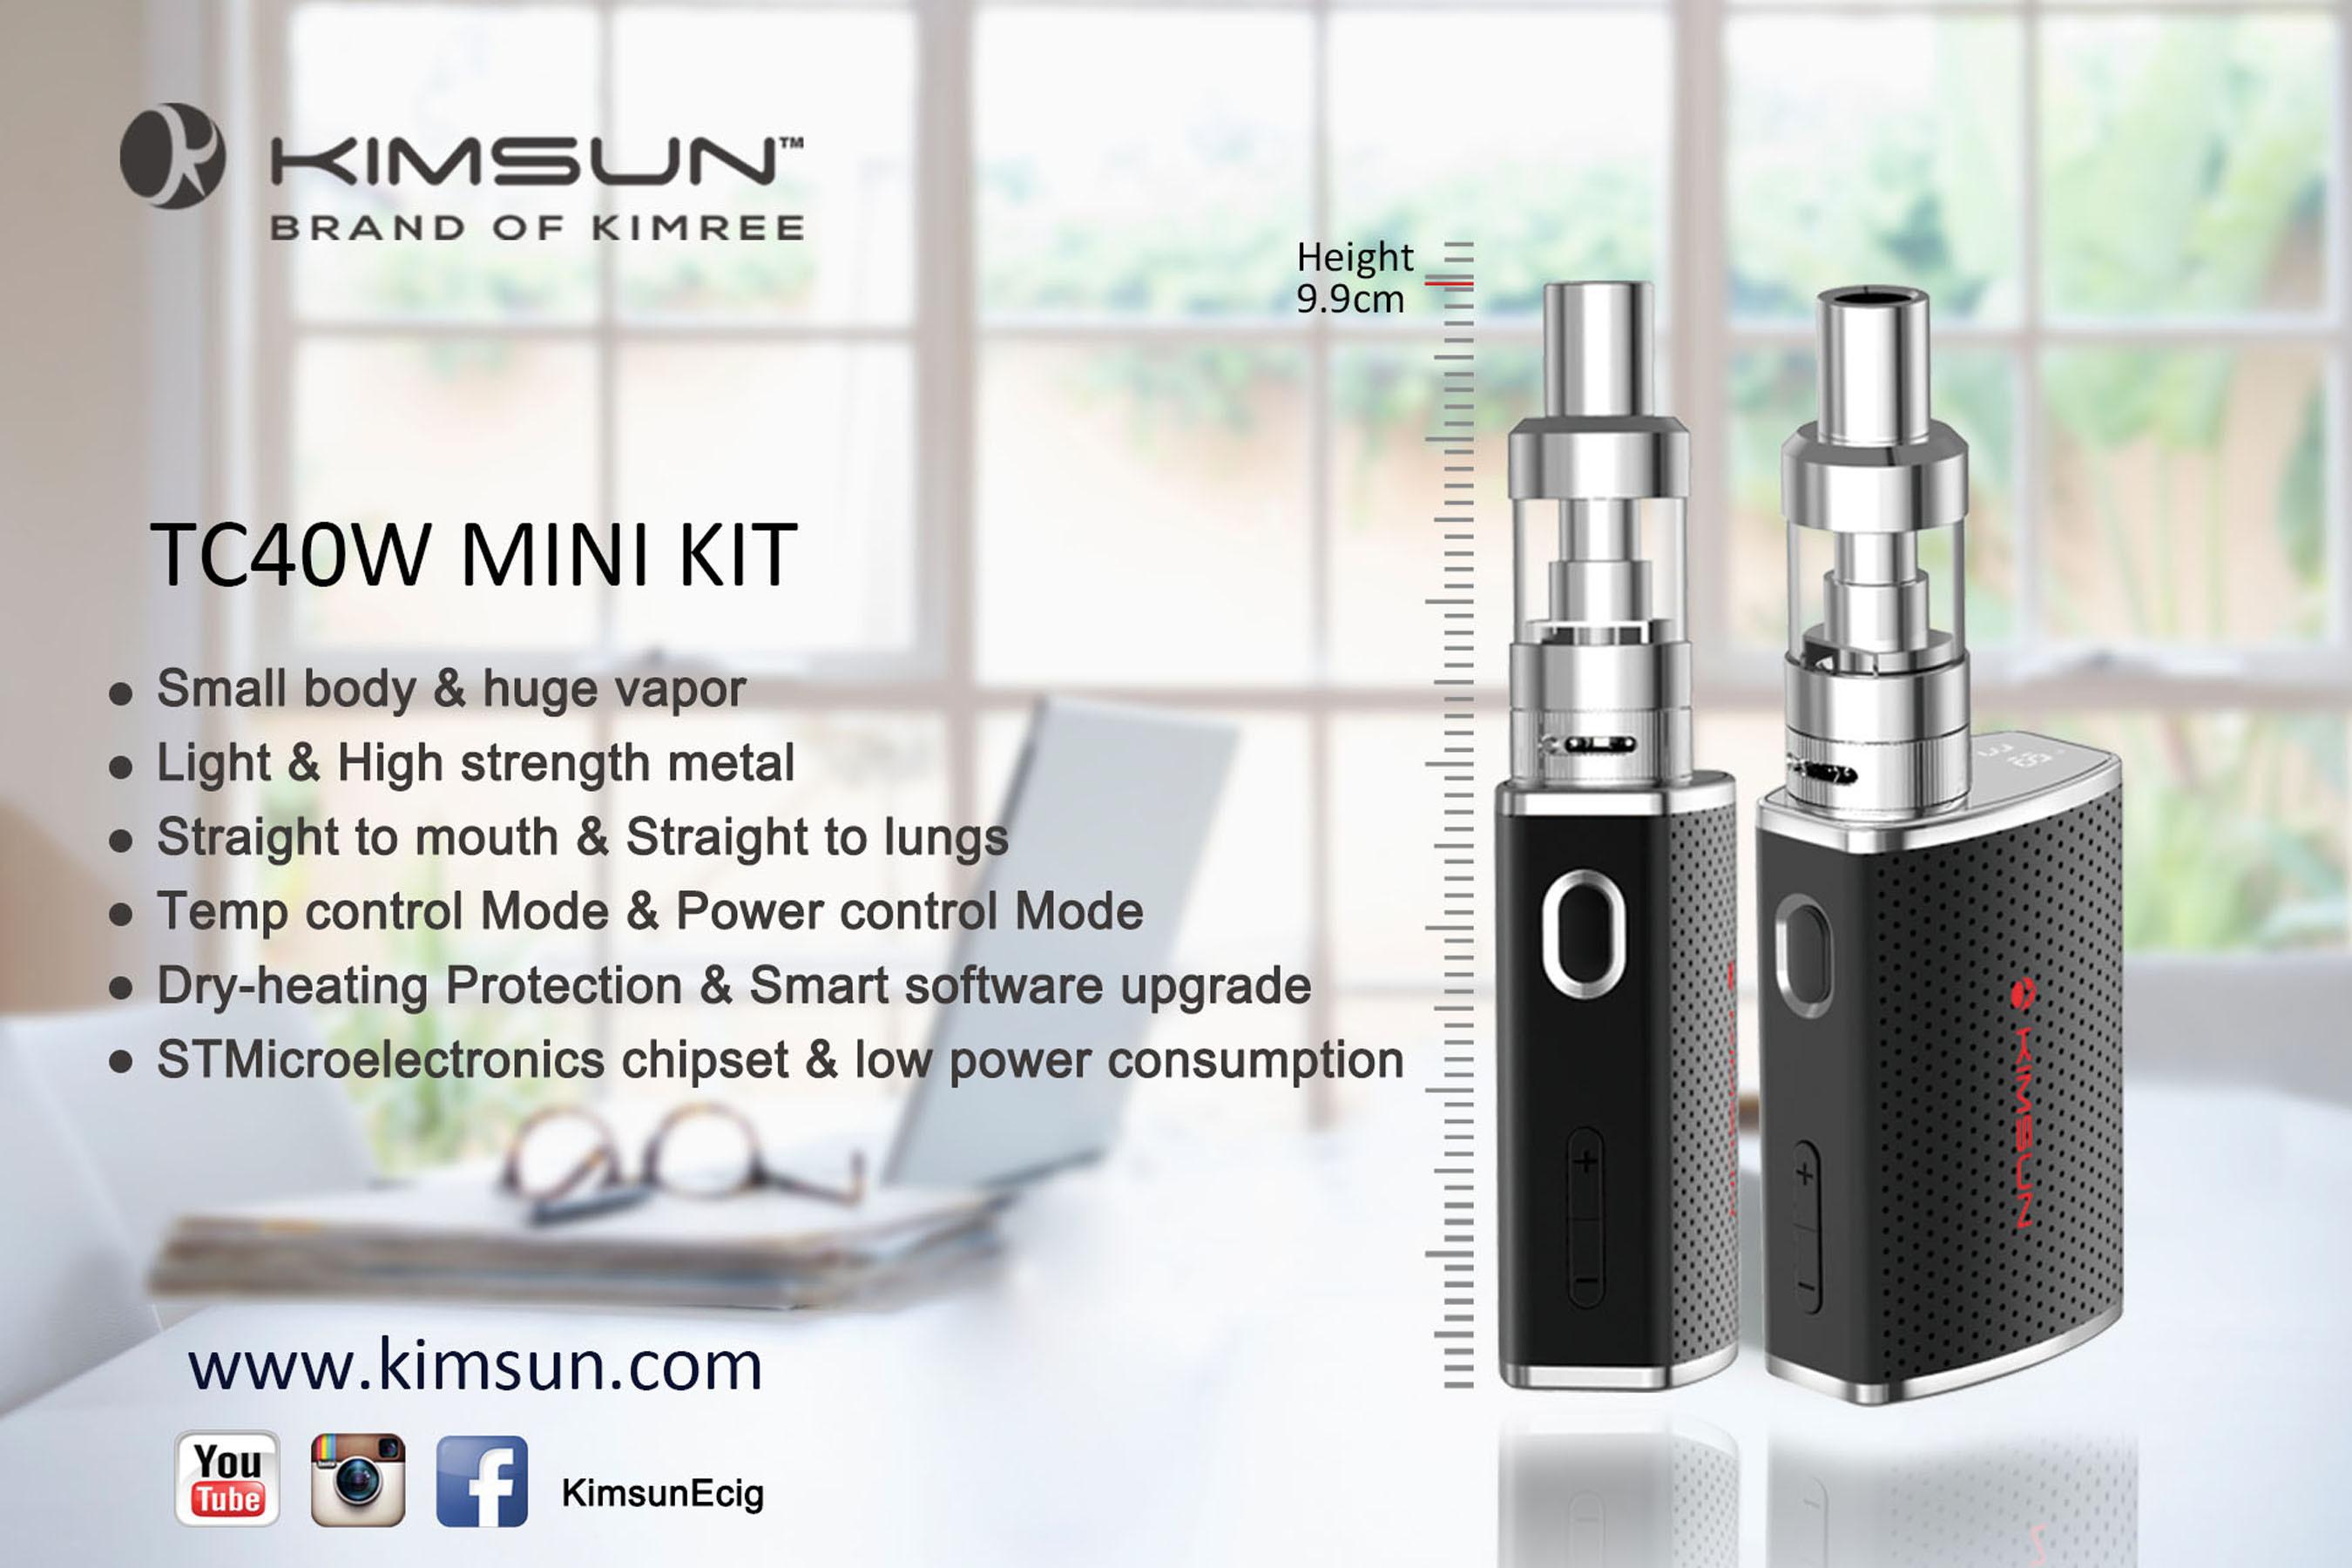 Latest KIMREE's Portable Fashion Vaporizer -- KIMSUN TC40W MINI KIT